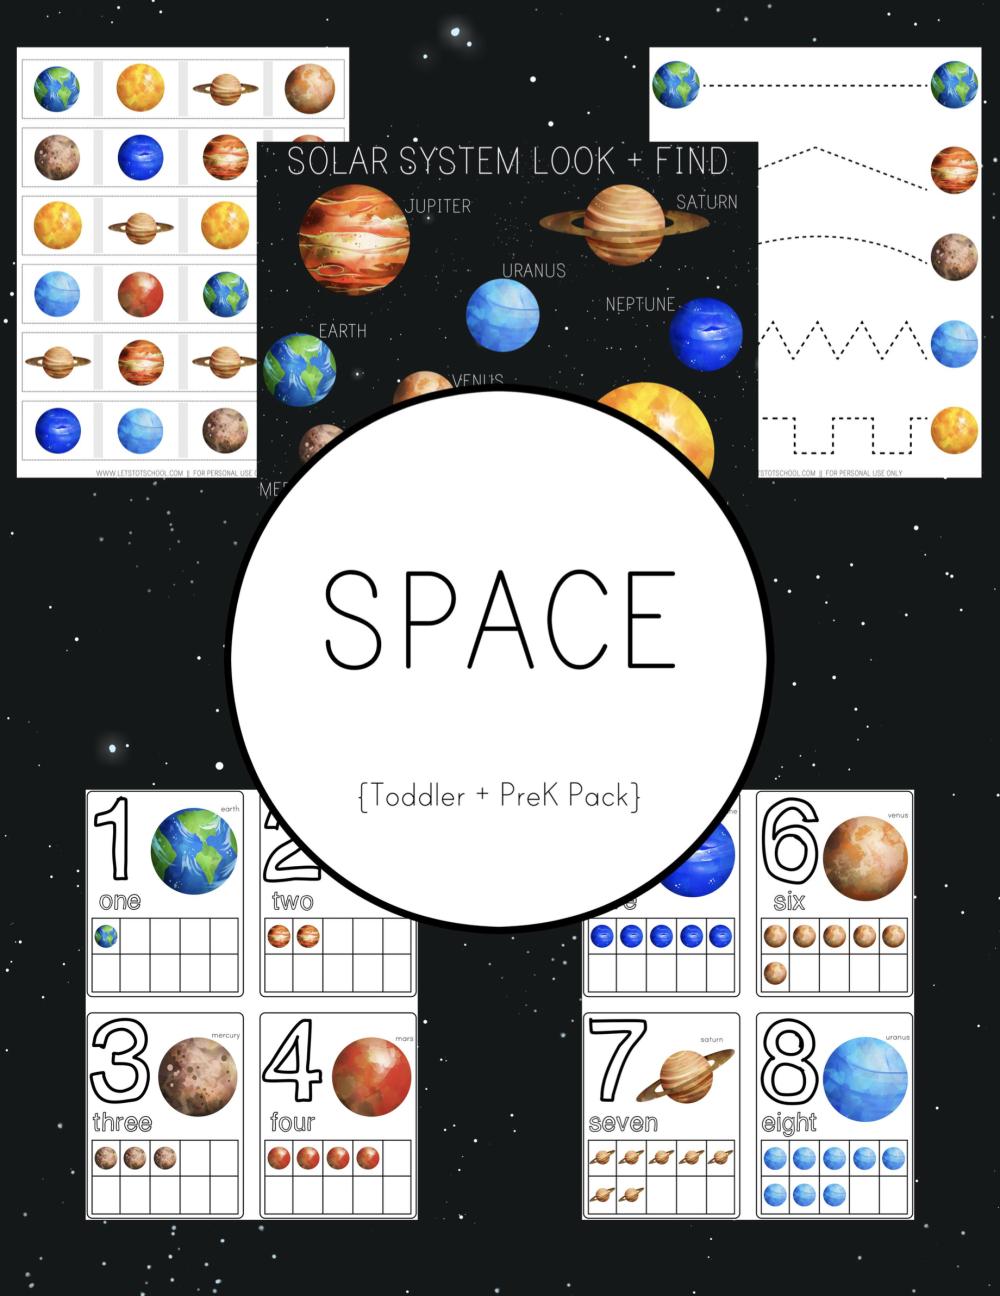 Space Preschool Pack Space Preschool Space Theme Preschool Space Lessons [ 1296 x 1000 Pixel ]